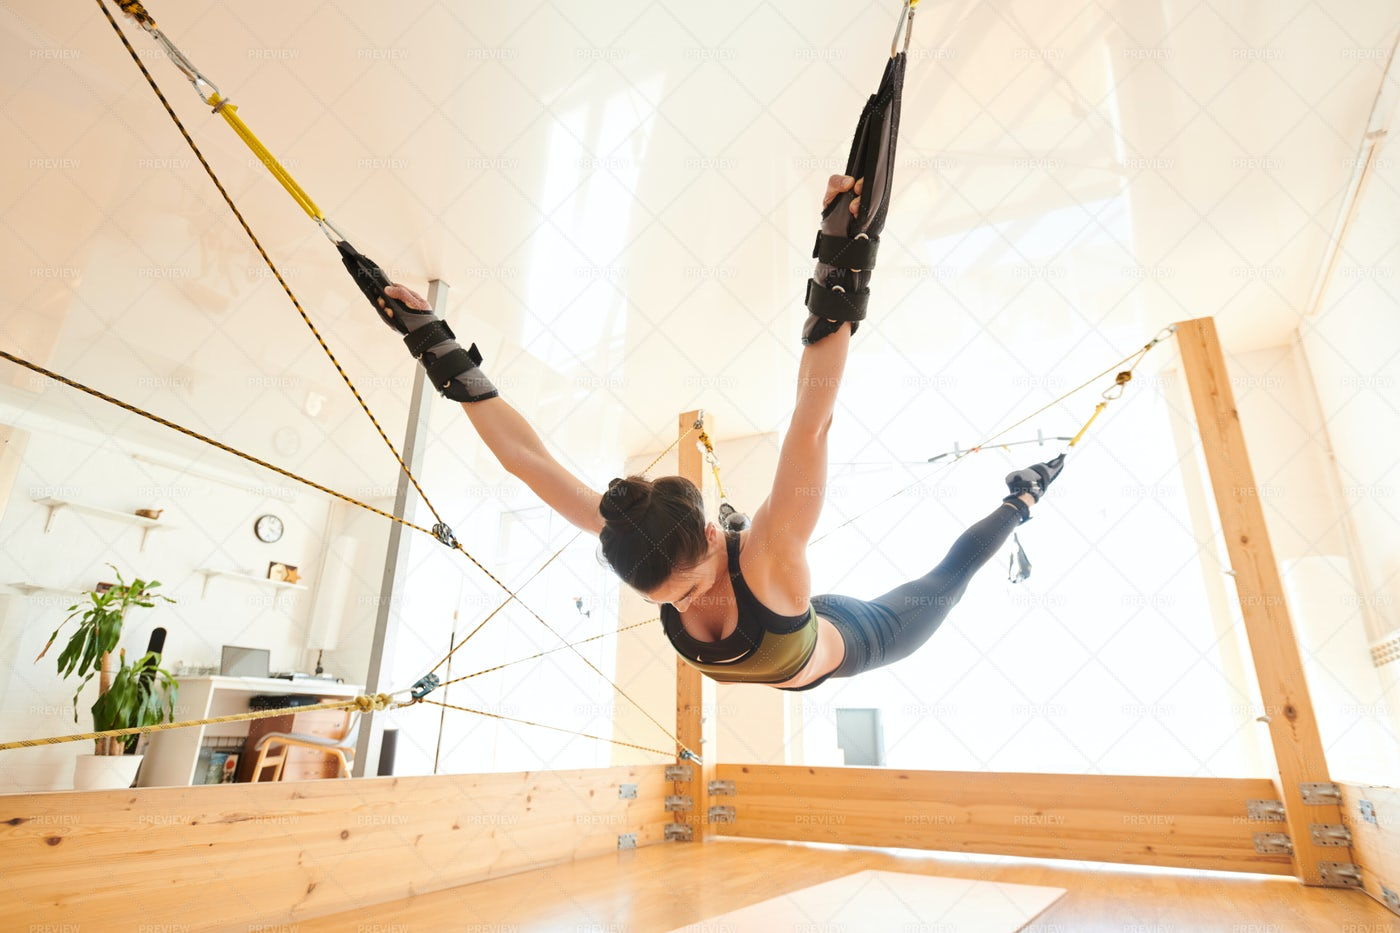 Anti-gravity Yoga Exercise: Stock Photos